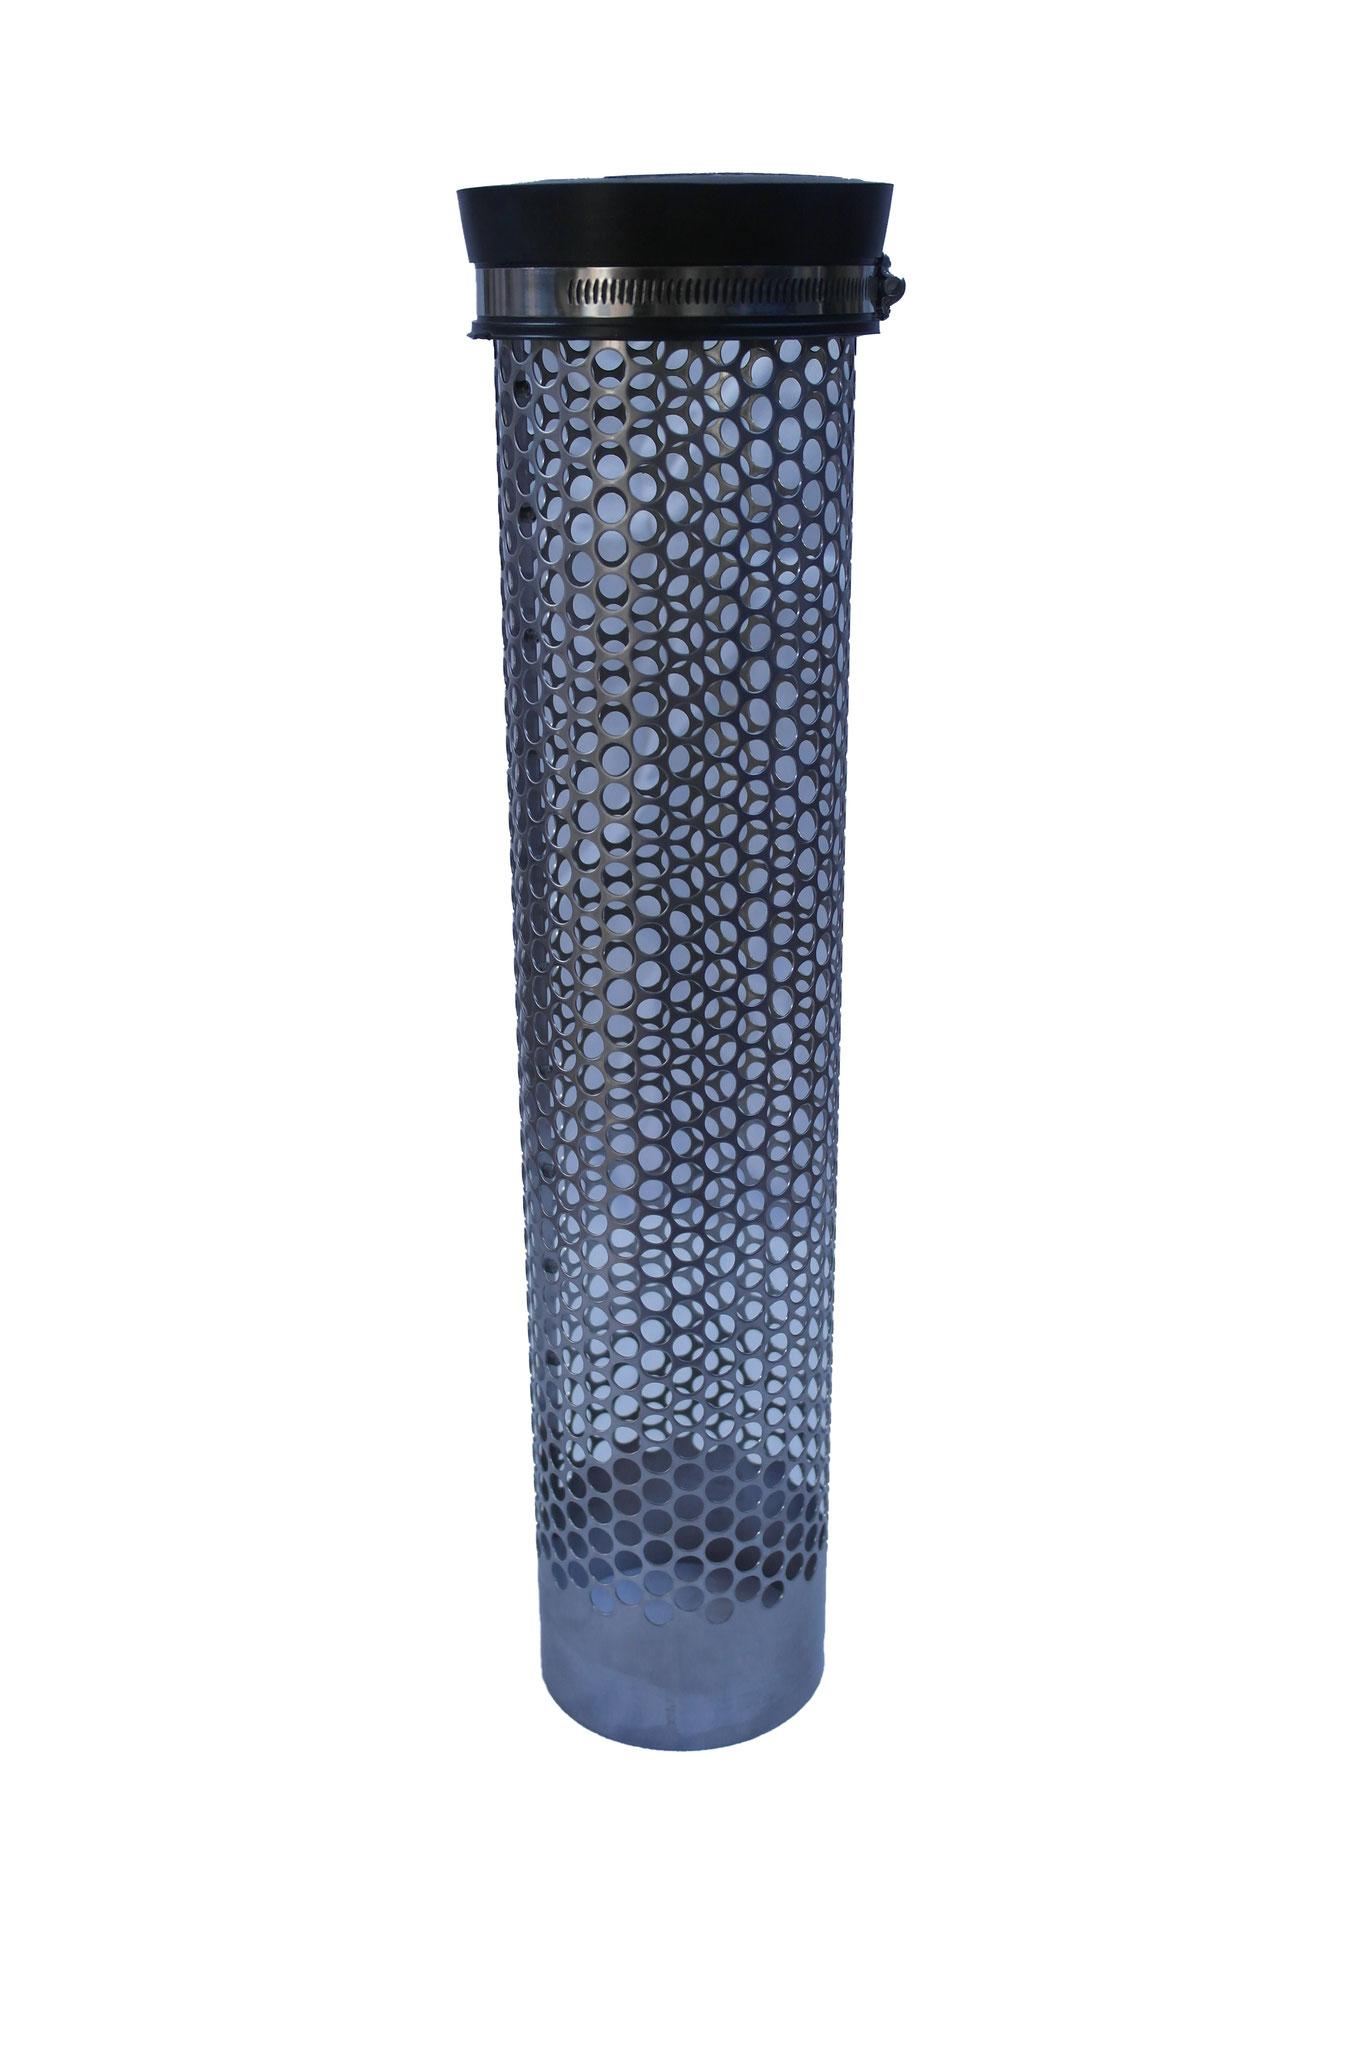 Siebrohr mit Endkappe für 110er KG Rohr